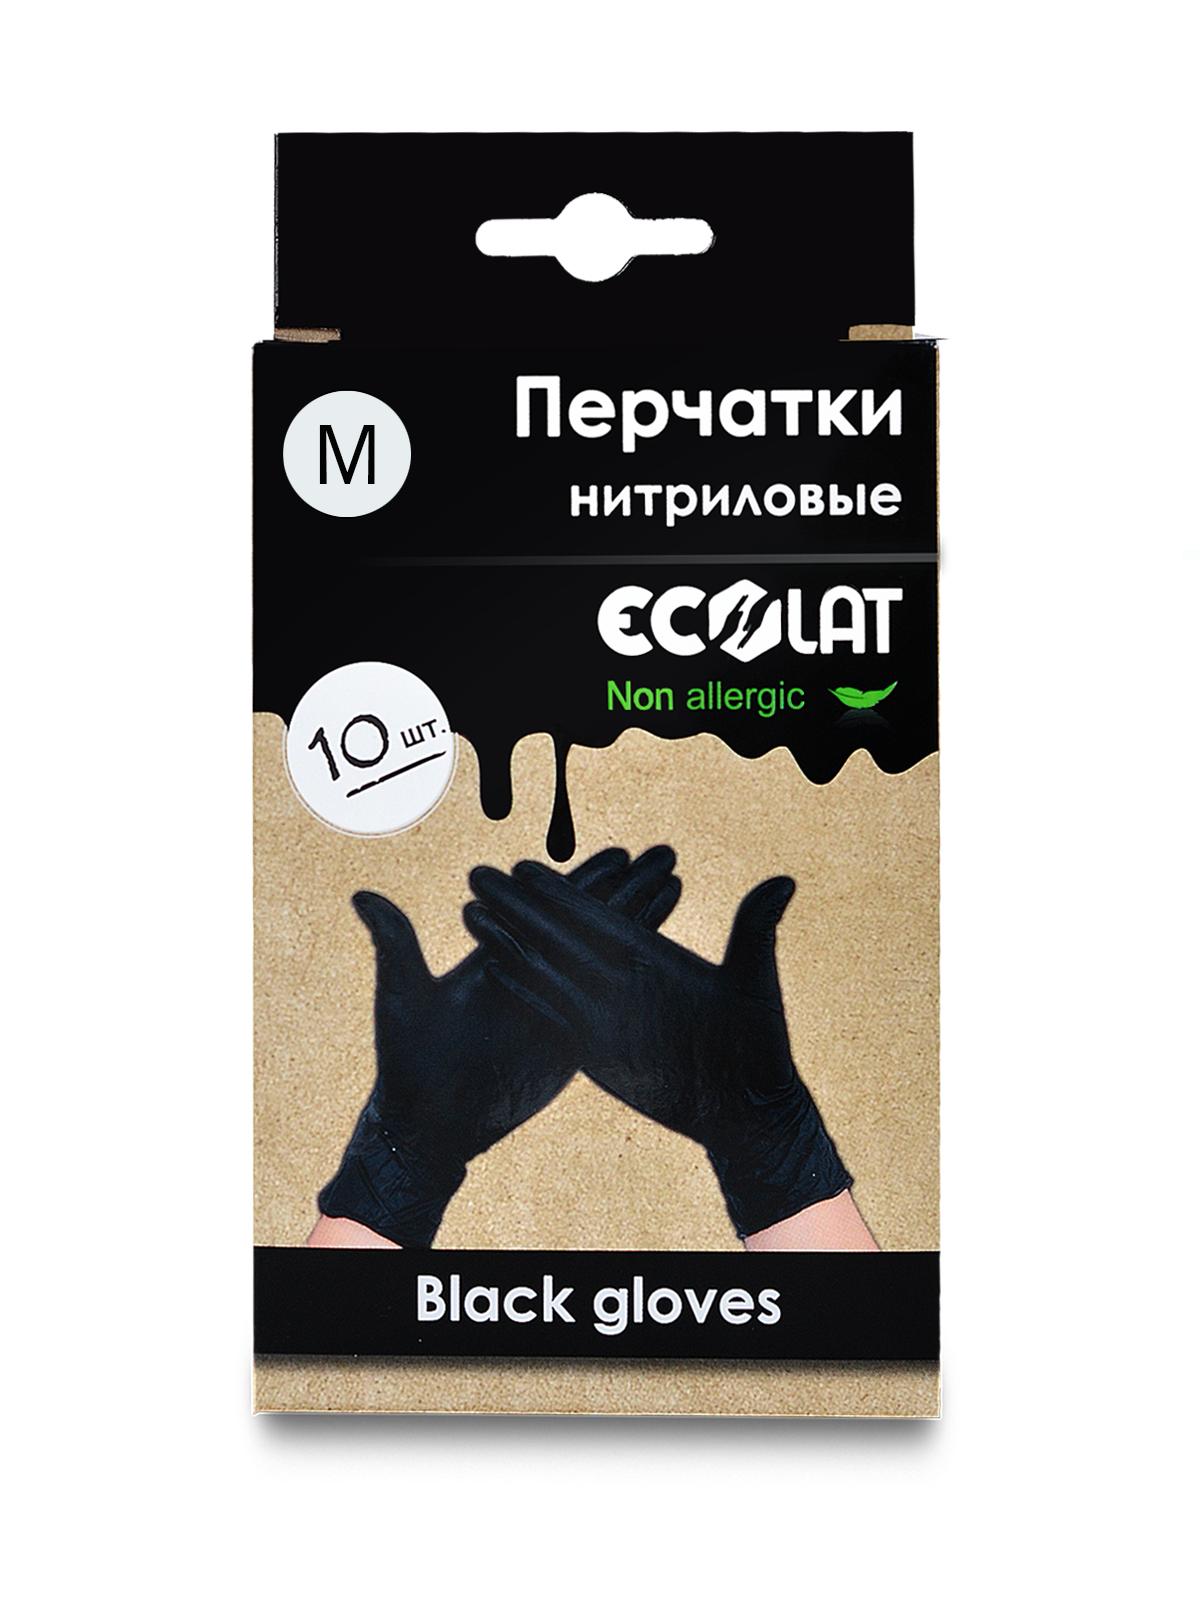 Купить Nitrile gloves, Перчатки медицинские черные EcoLat, размер M, 10 шт